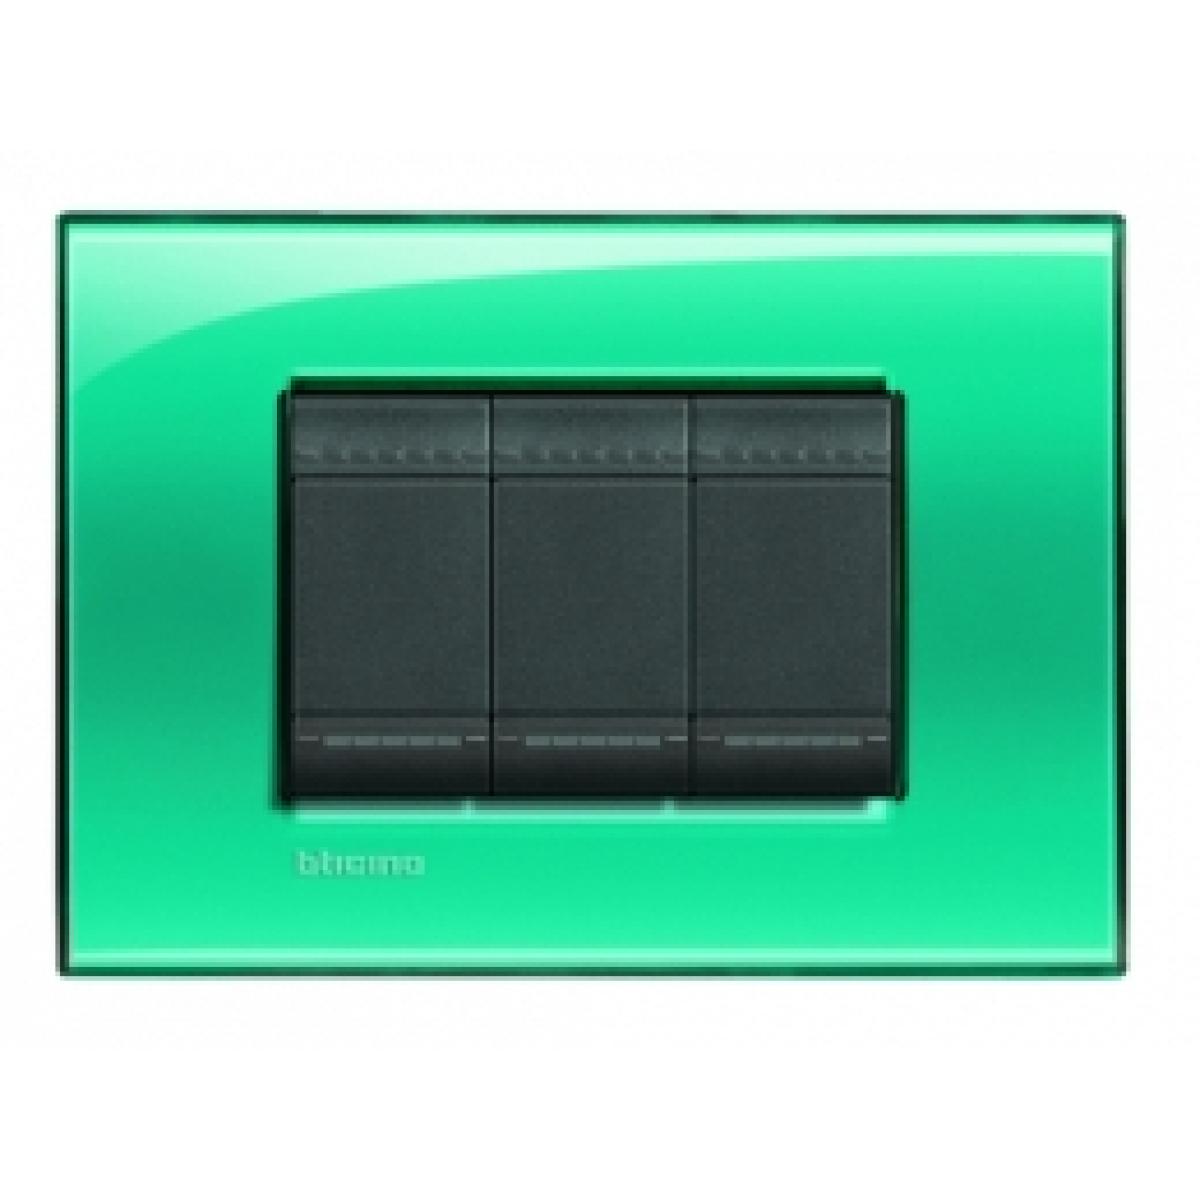 Placca 3 Moduli Verde Deep Bticino Living International LNA4803VD